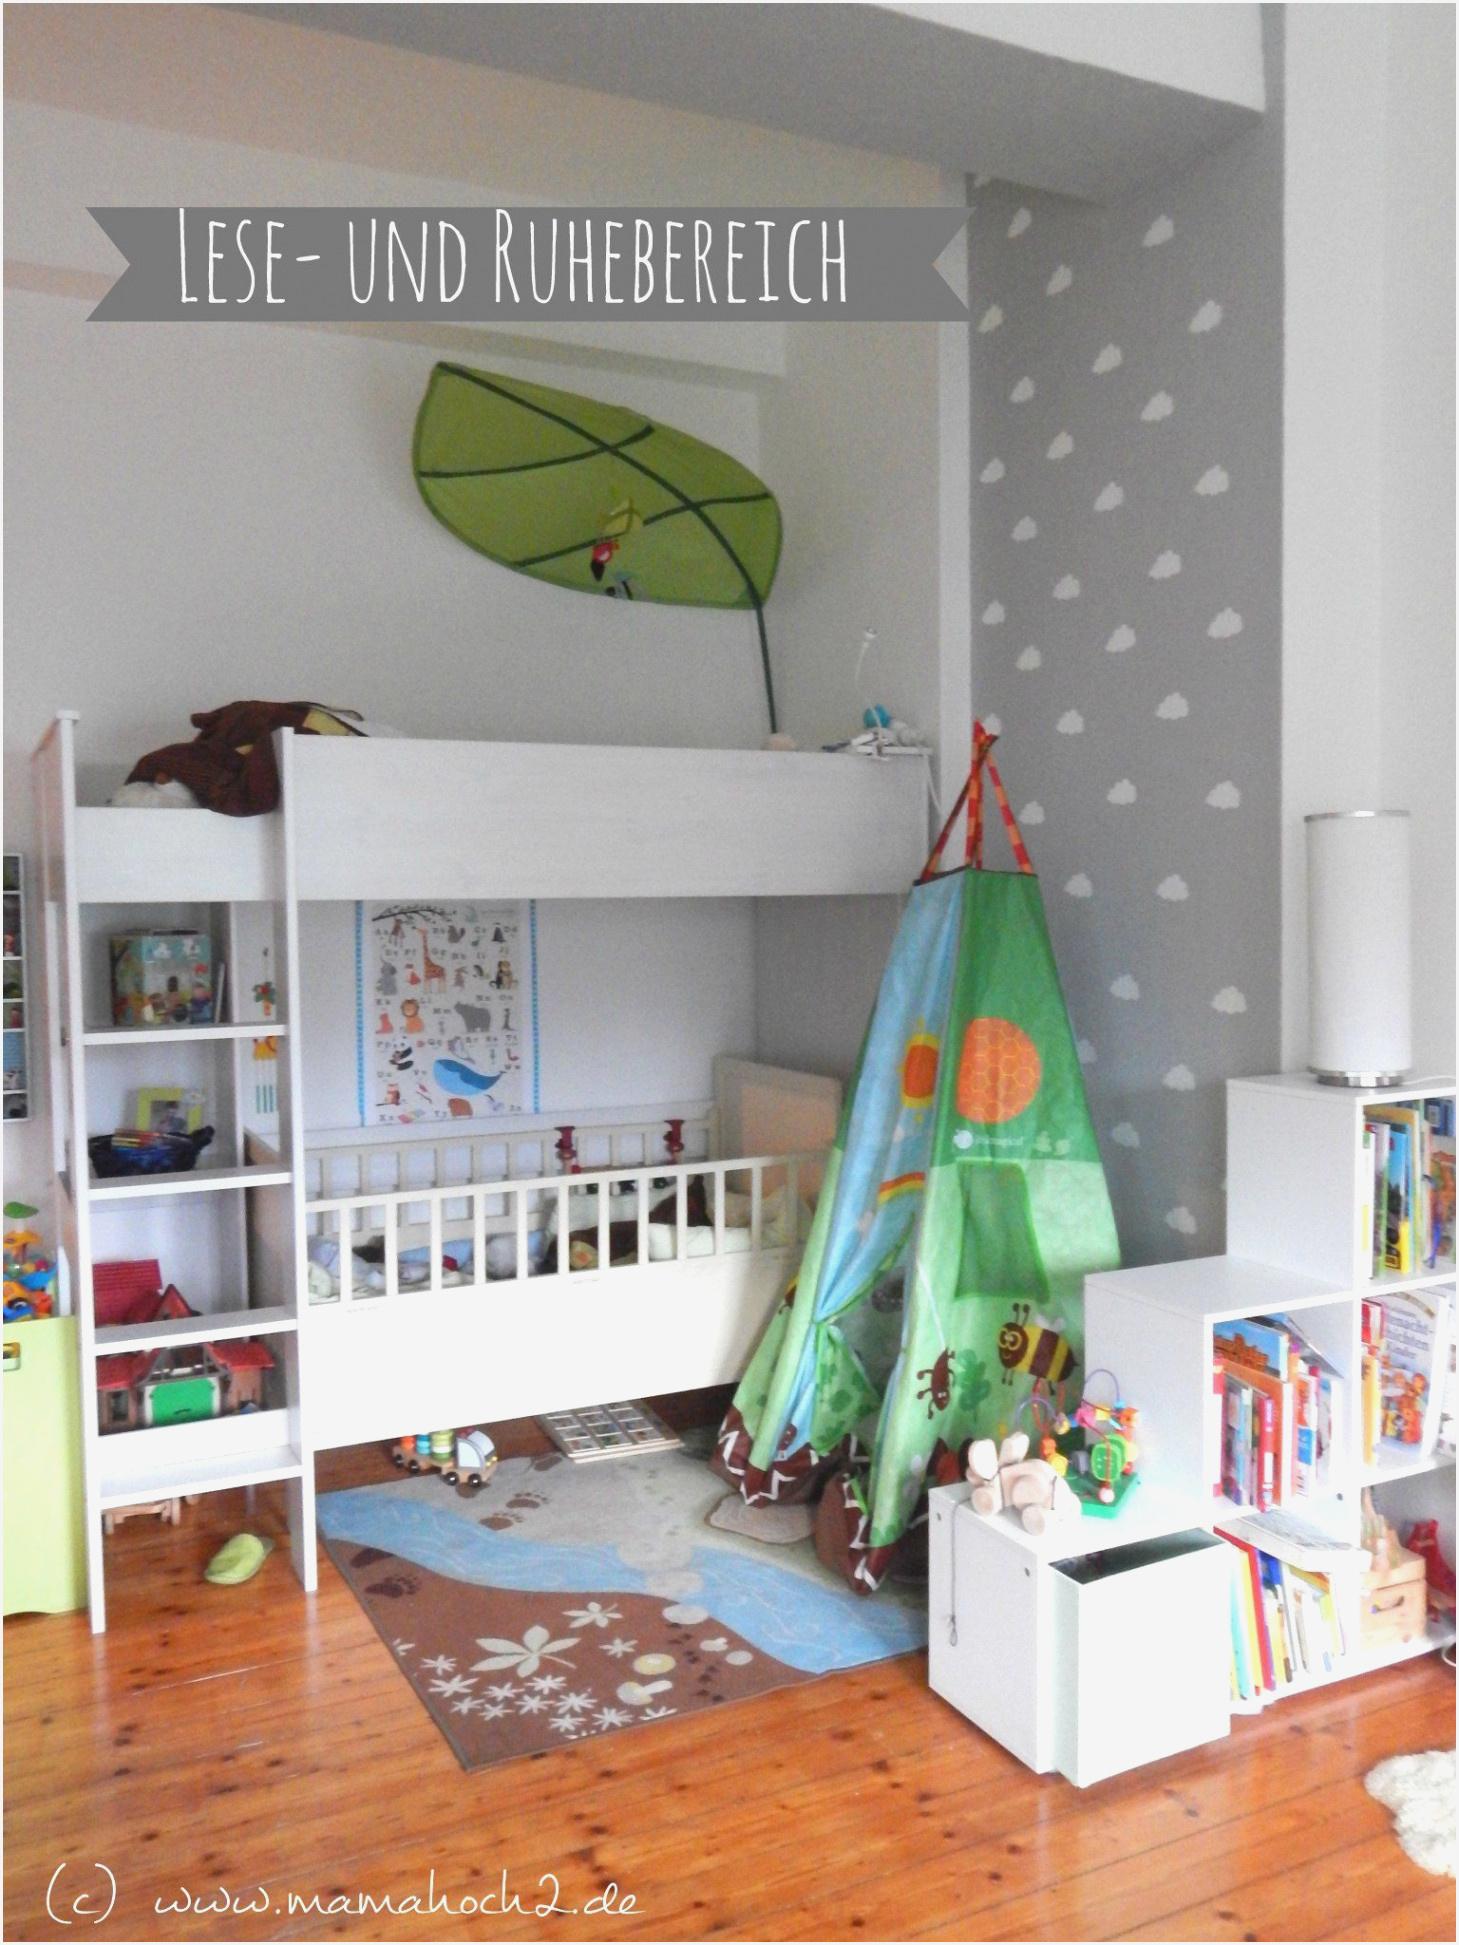 Full Size of Schaukel Kinderzimmer Mit Netz Traumhaus Regale Regal Garten Sofa Schaukelstuhl Kinderschaukel Weiß Für Kinderzimmer Schaukel Kinderzimmer